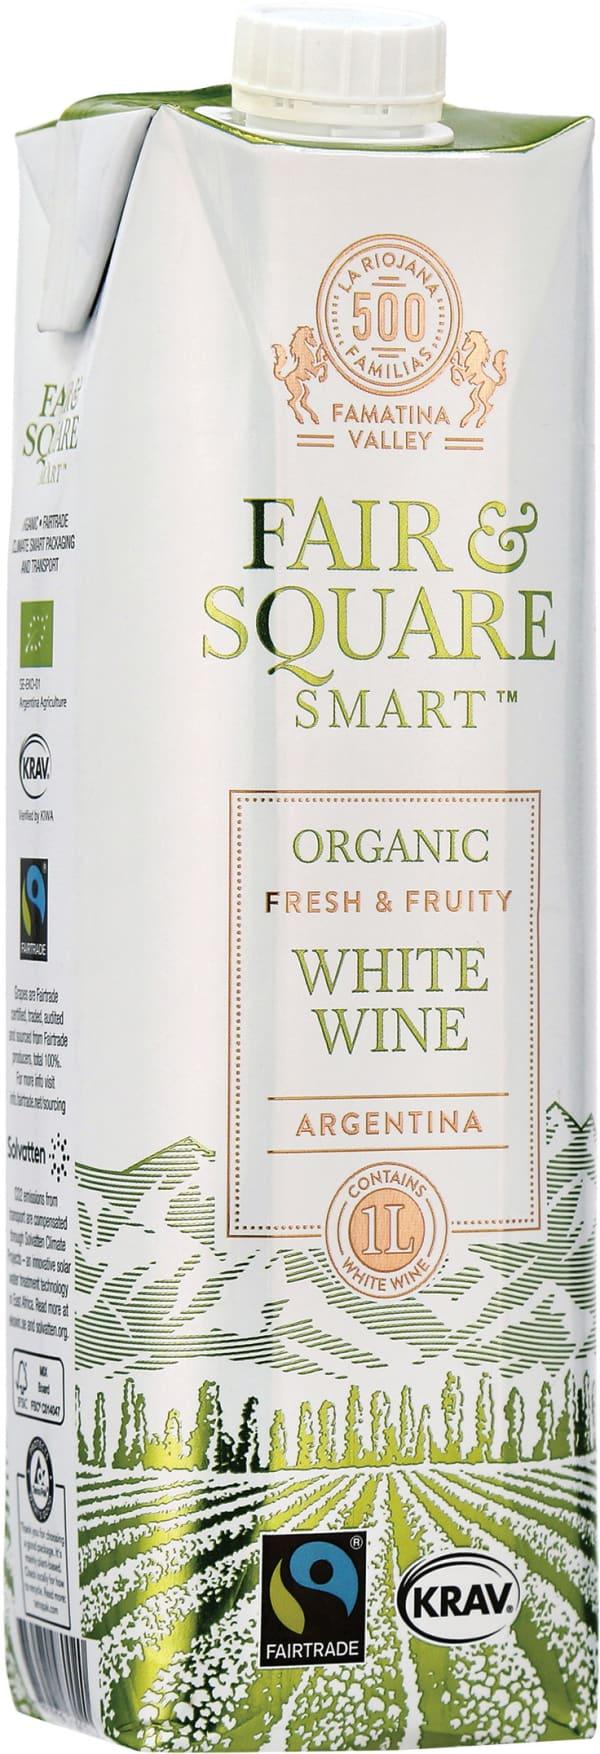 Fair & Square White 2017 carton package